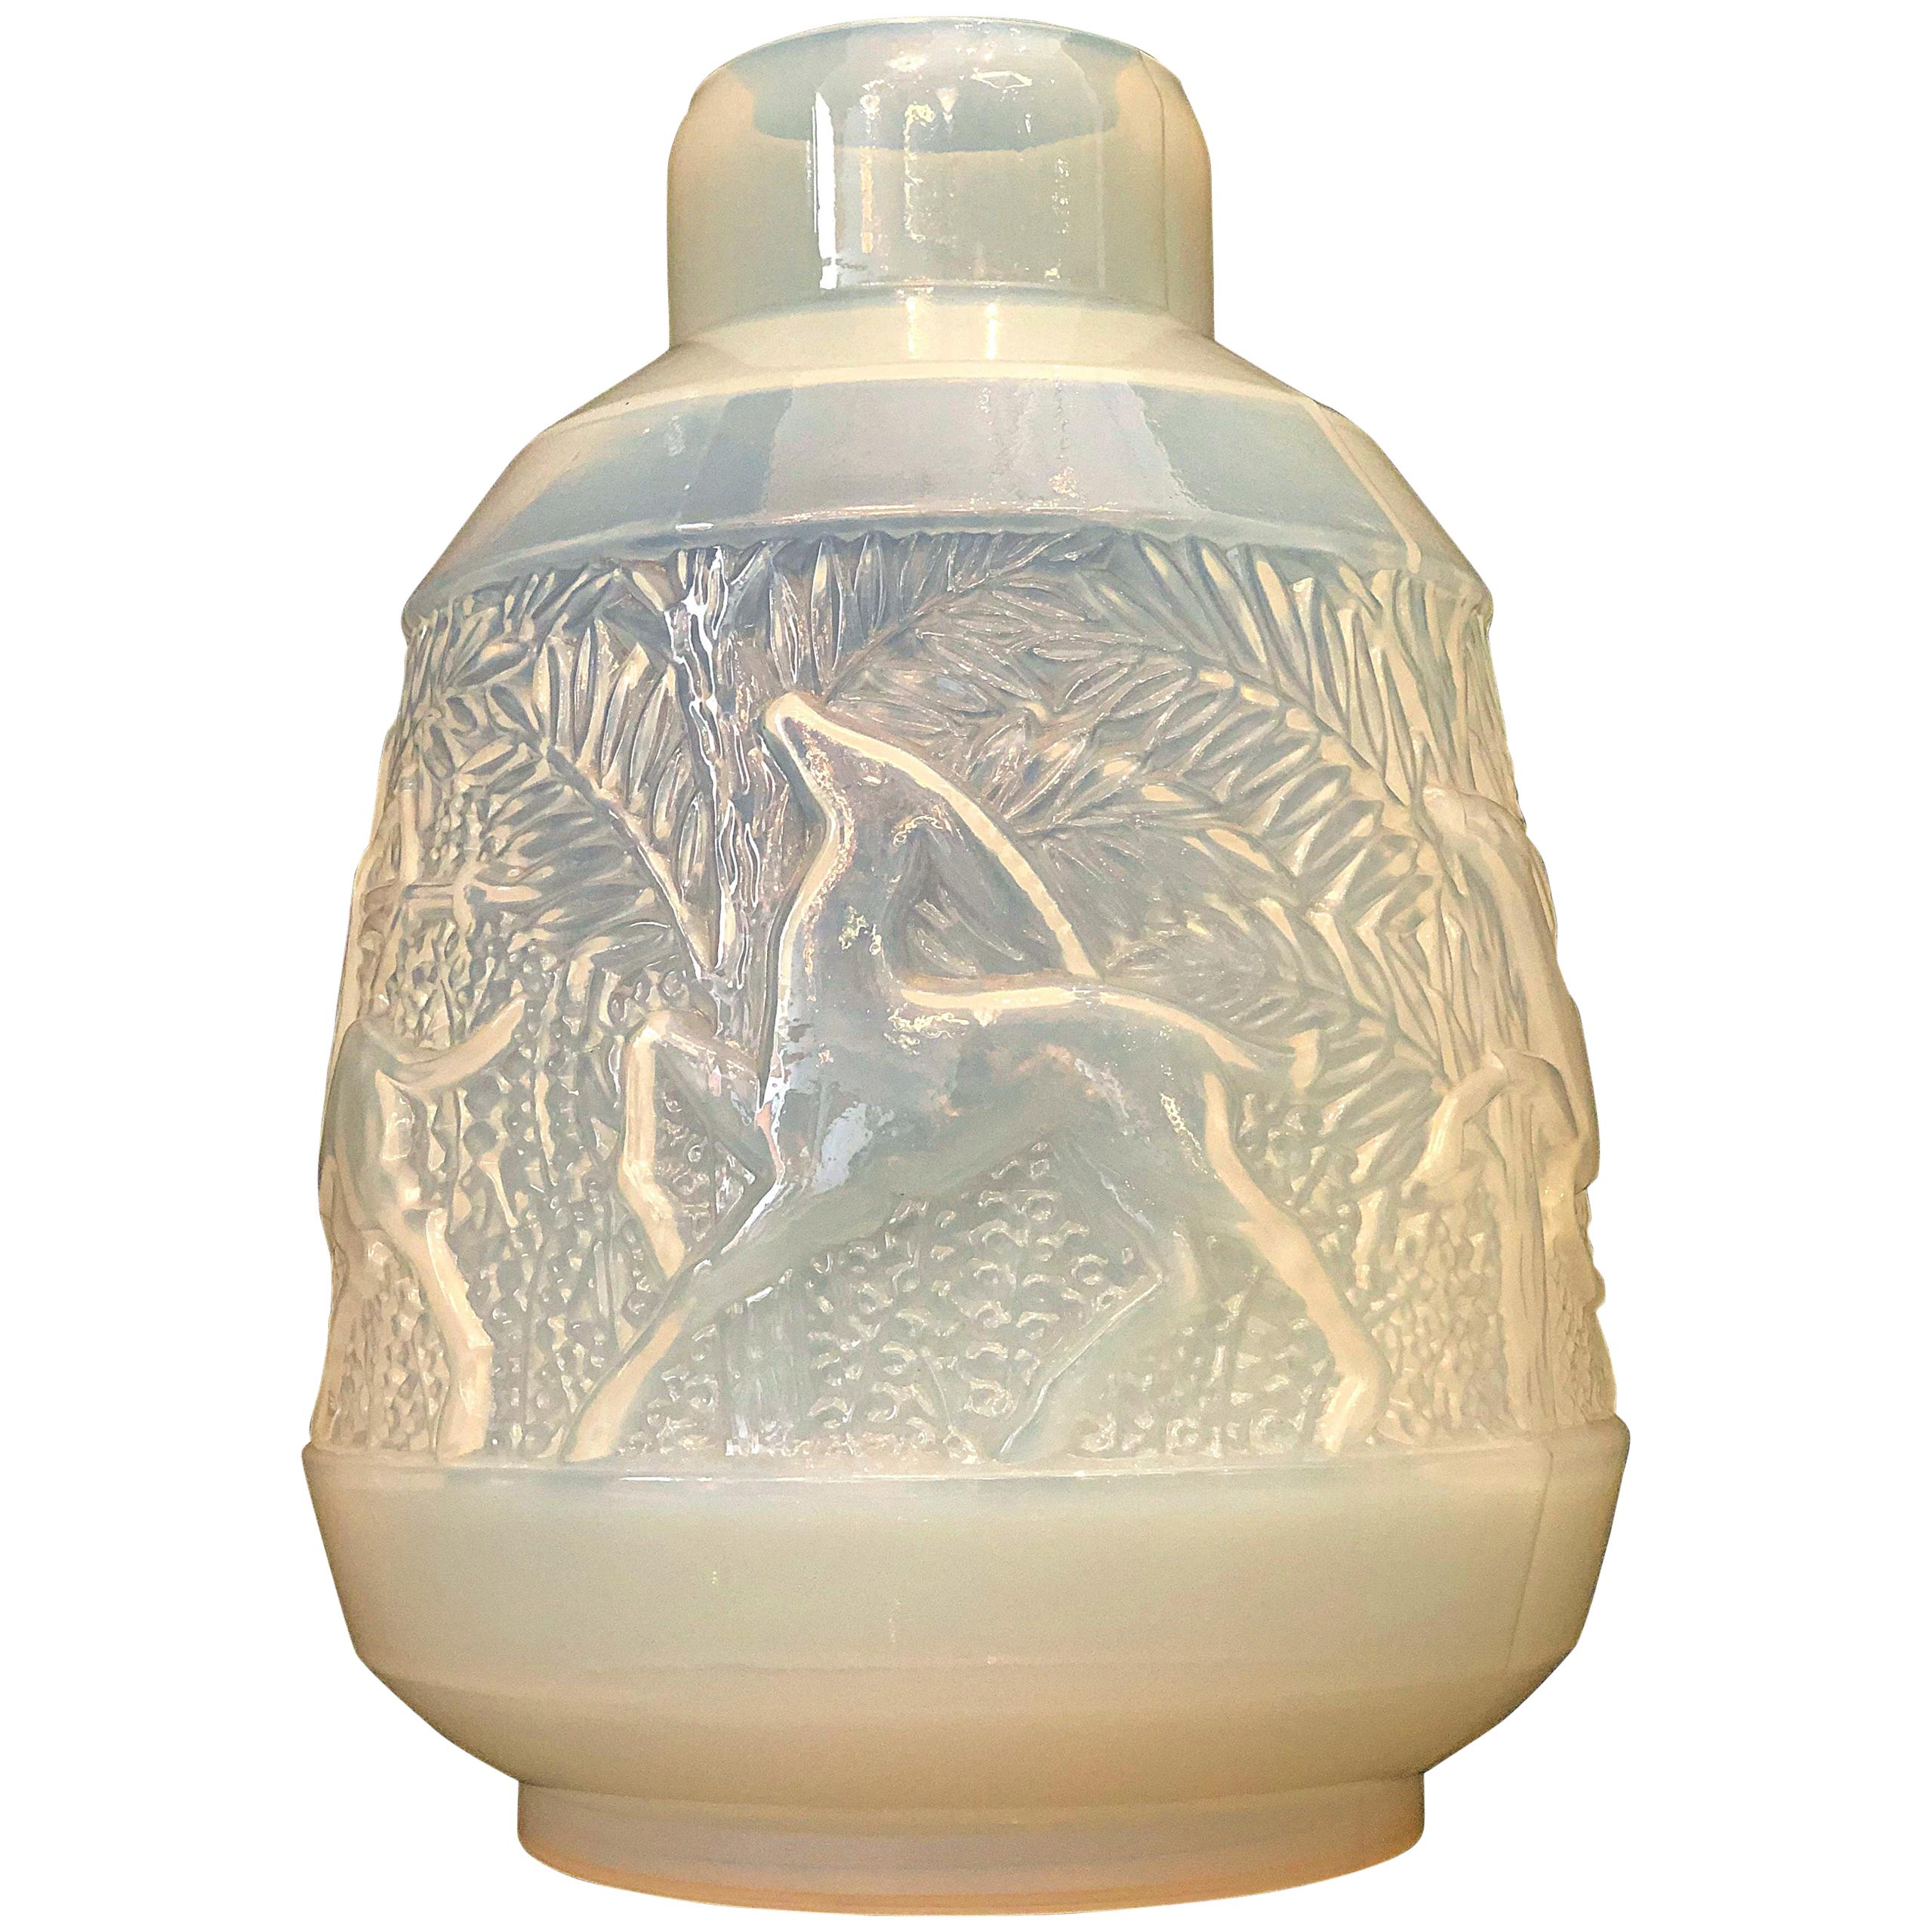 Rare French Art Deco Iridescent Glass Vase, Etling